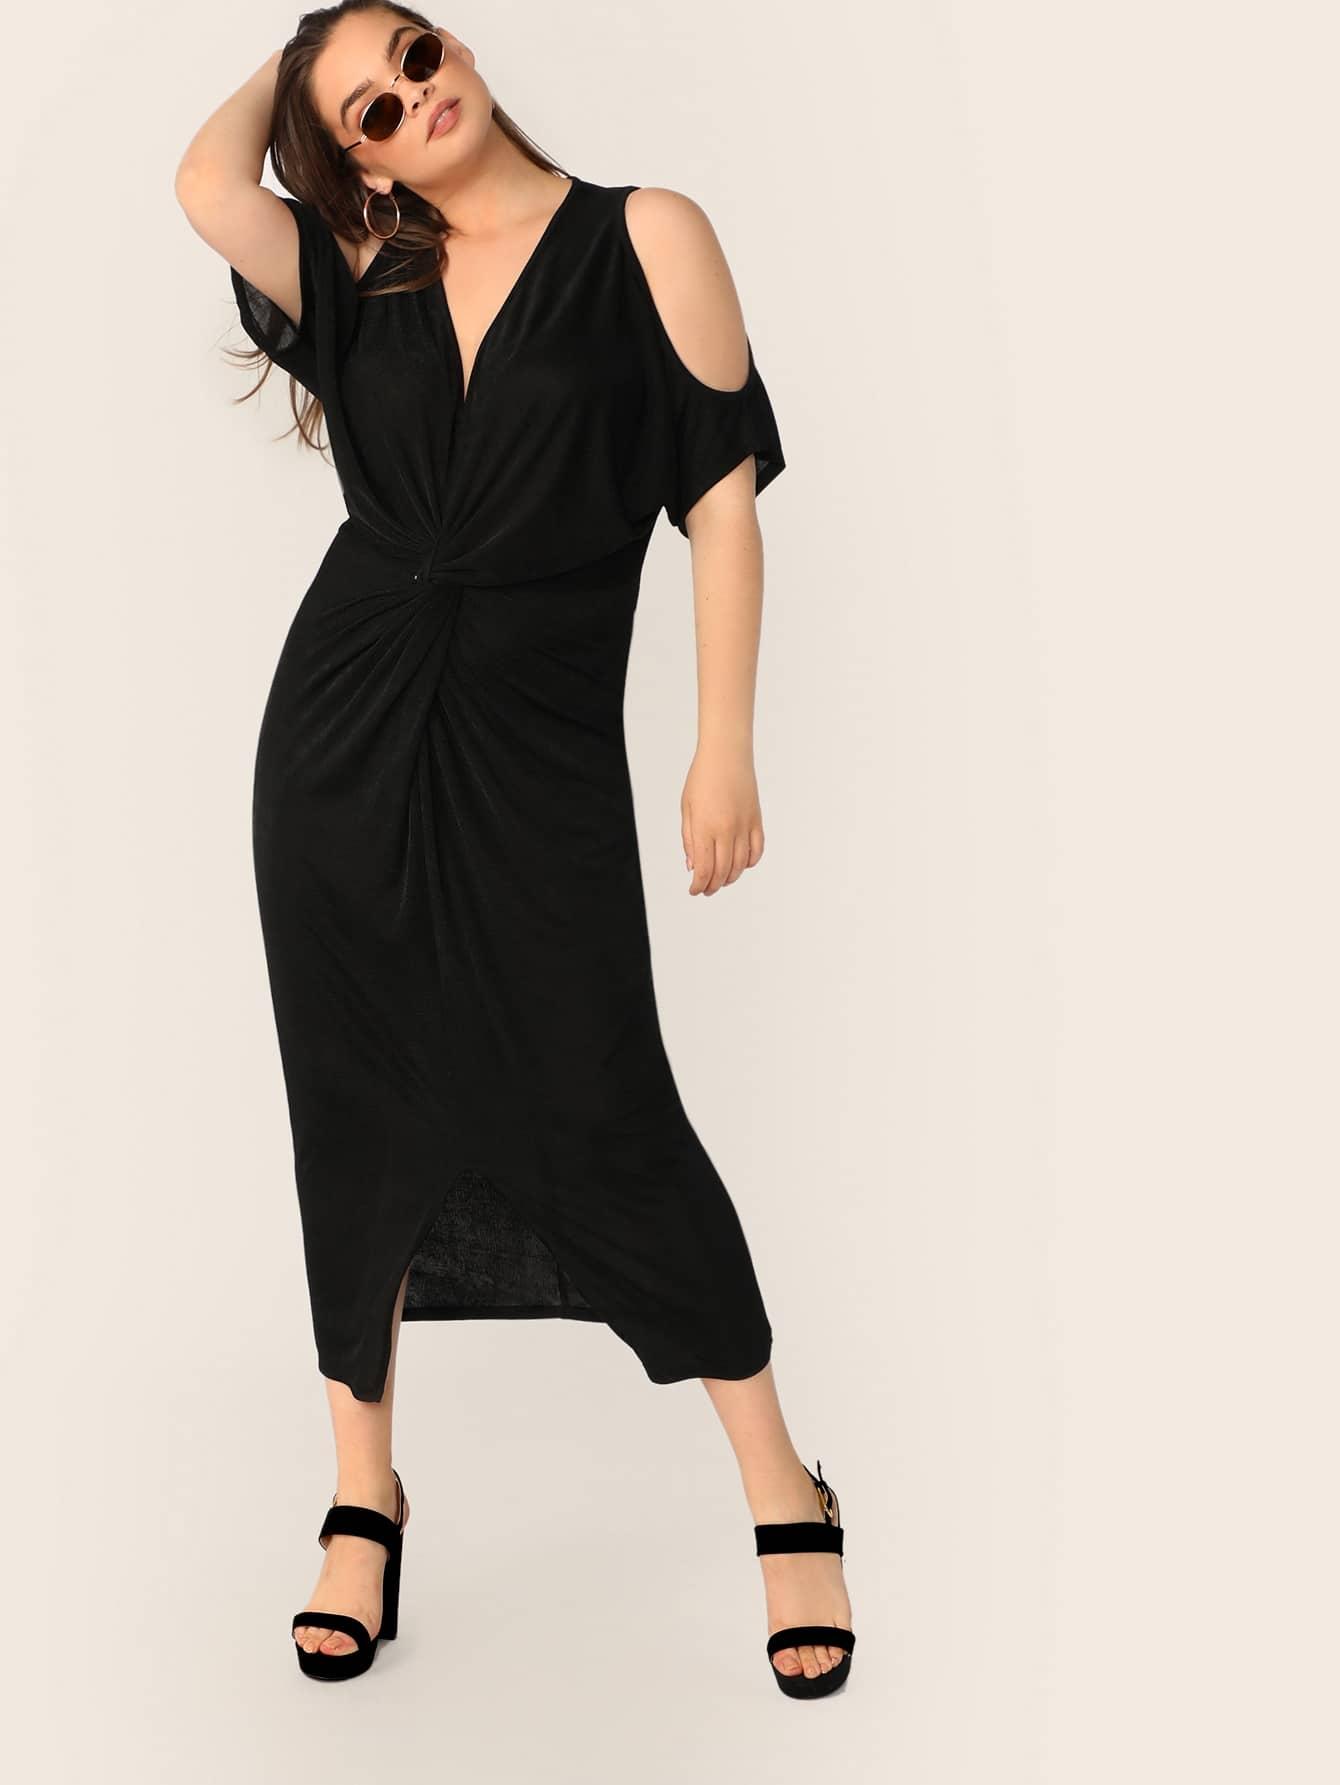 Фото - Платье с открытым плечом и витой размера плюс от SheIn цвет чёрные